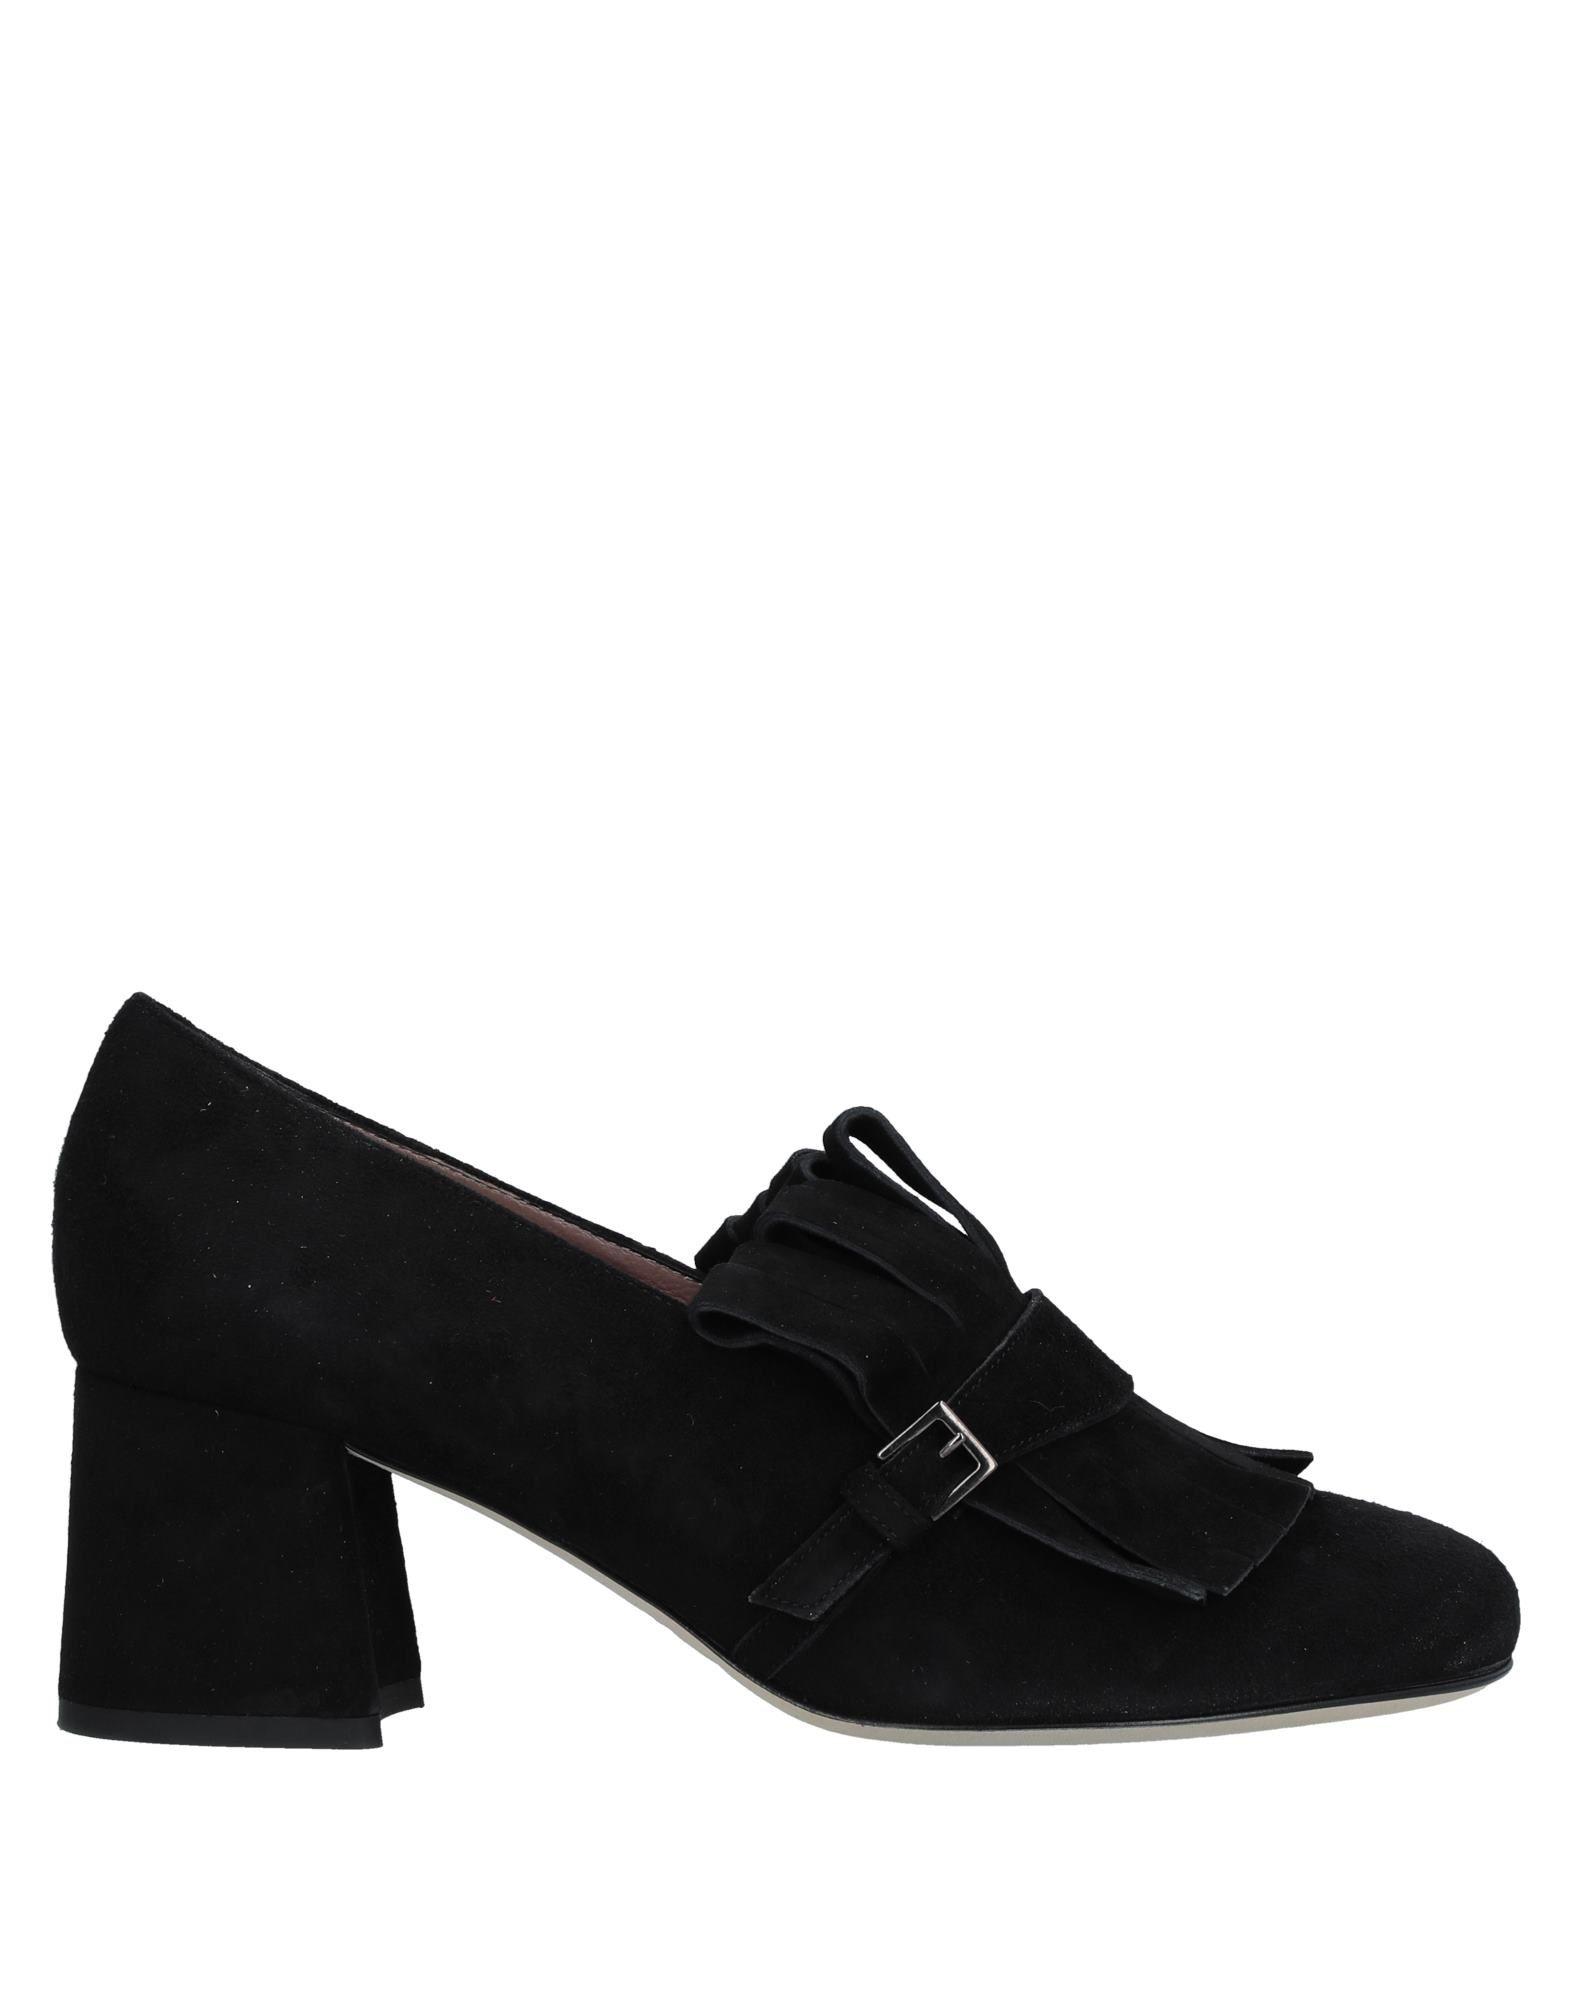 Sneakers Cuplé Uomo - 11431673KK Scarpe economiche e buone